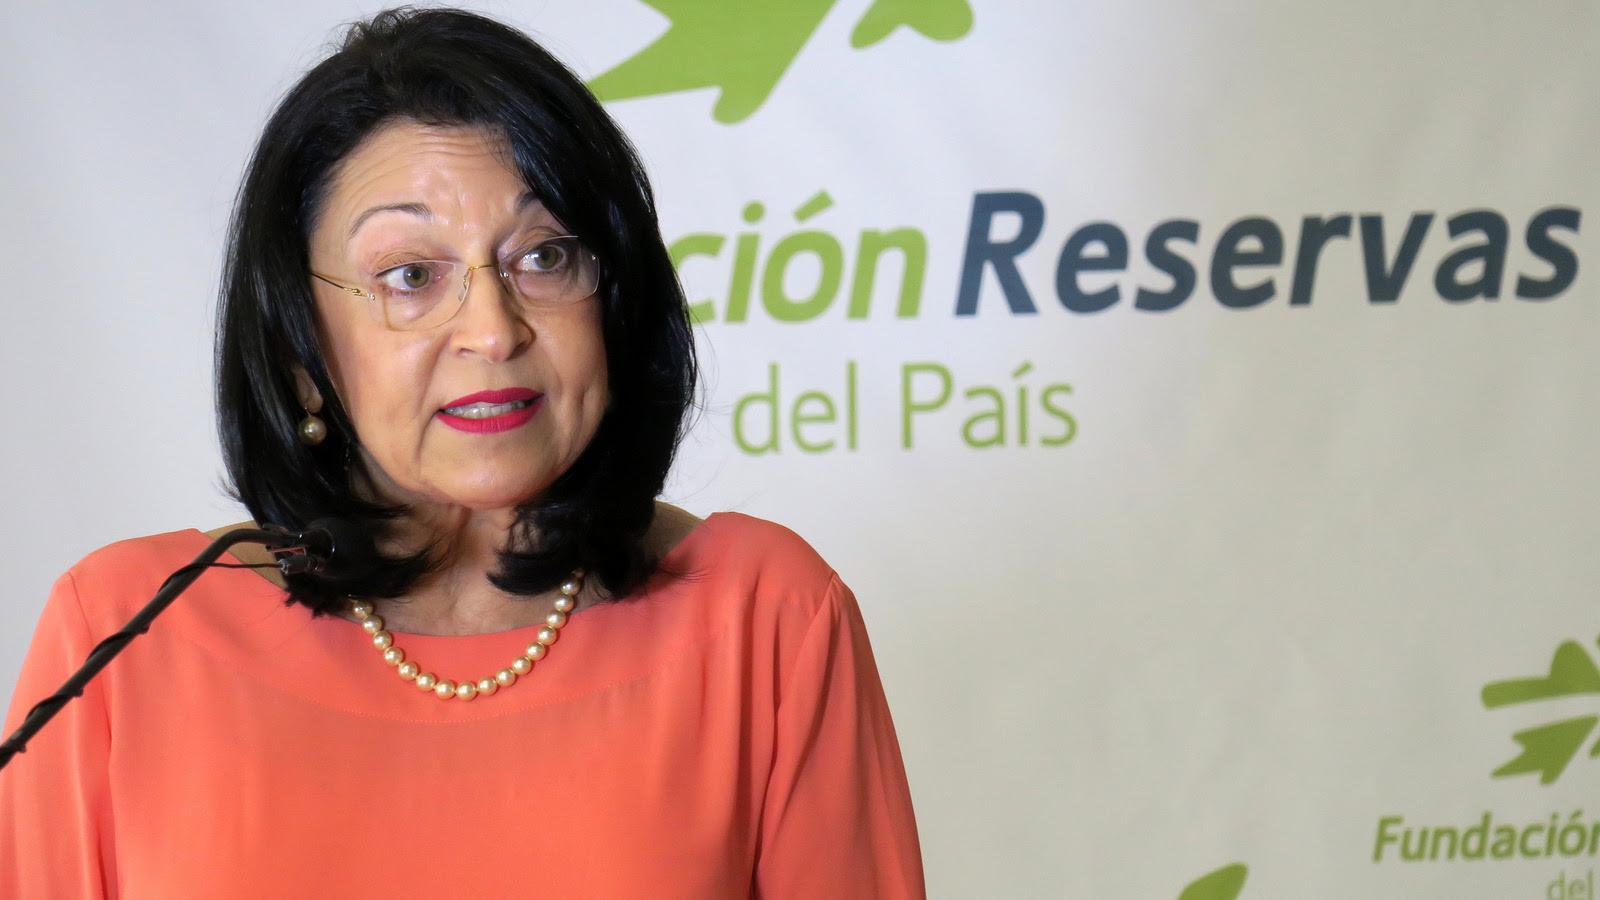 Fundación Reservas; evidencia de la democratización del crédito en el Gobierno de Danilo